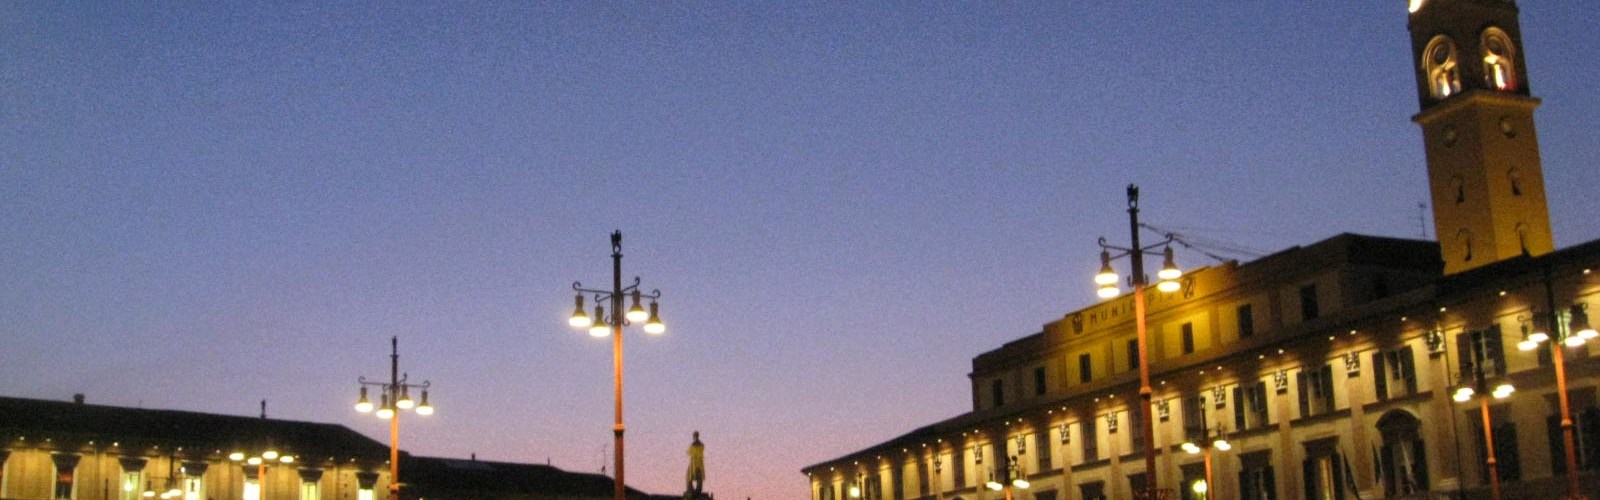 cosa vedere a Forlì